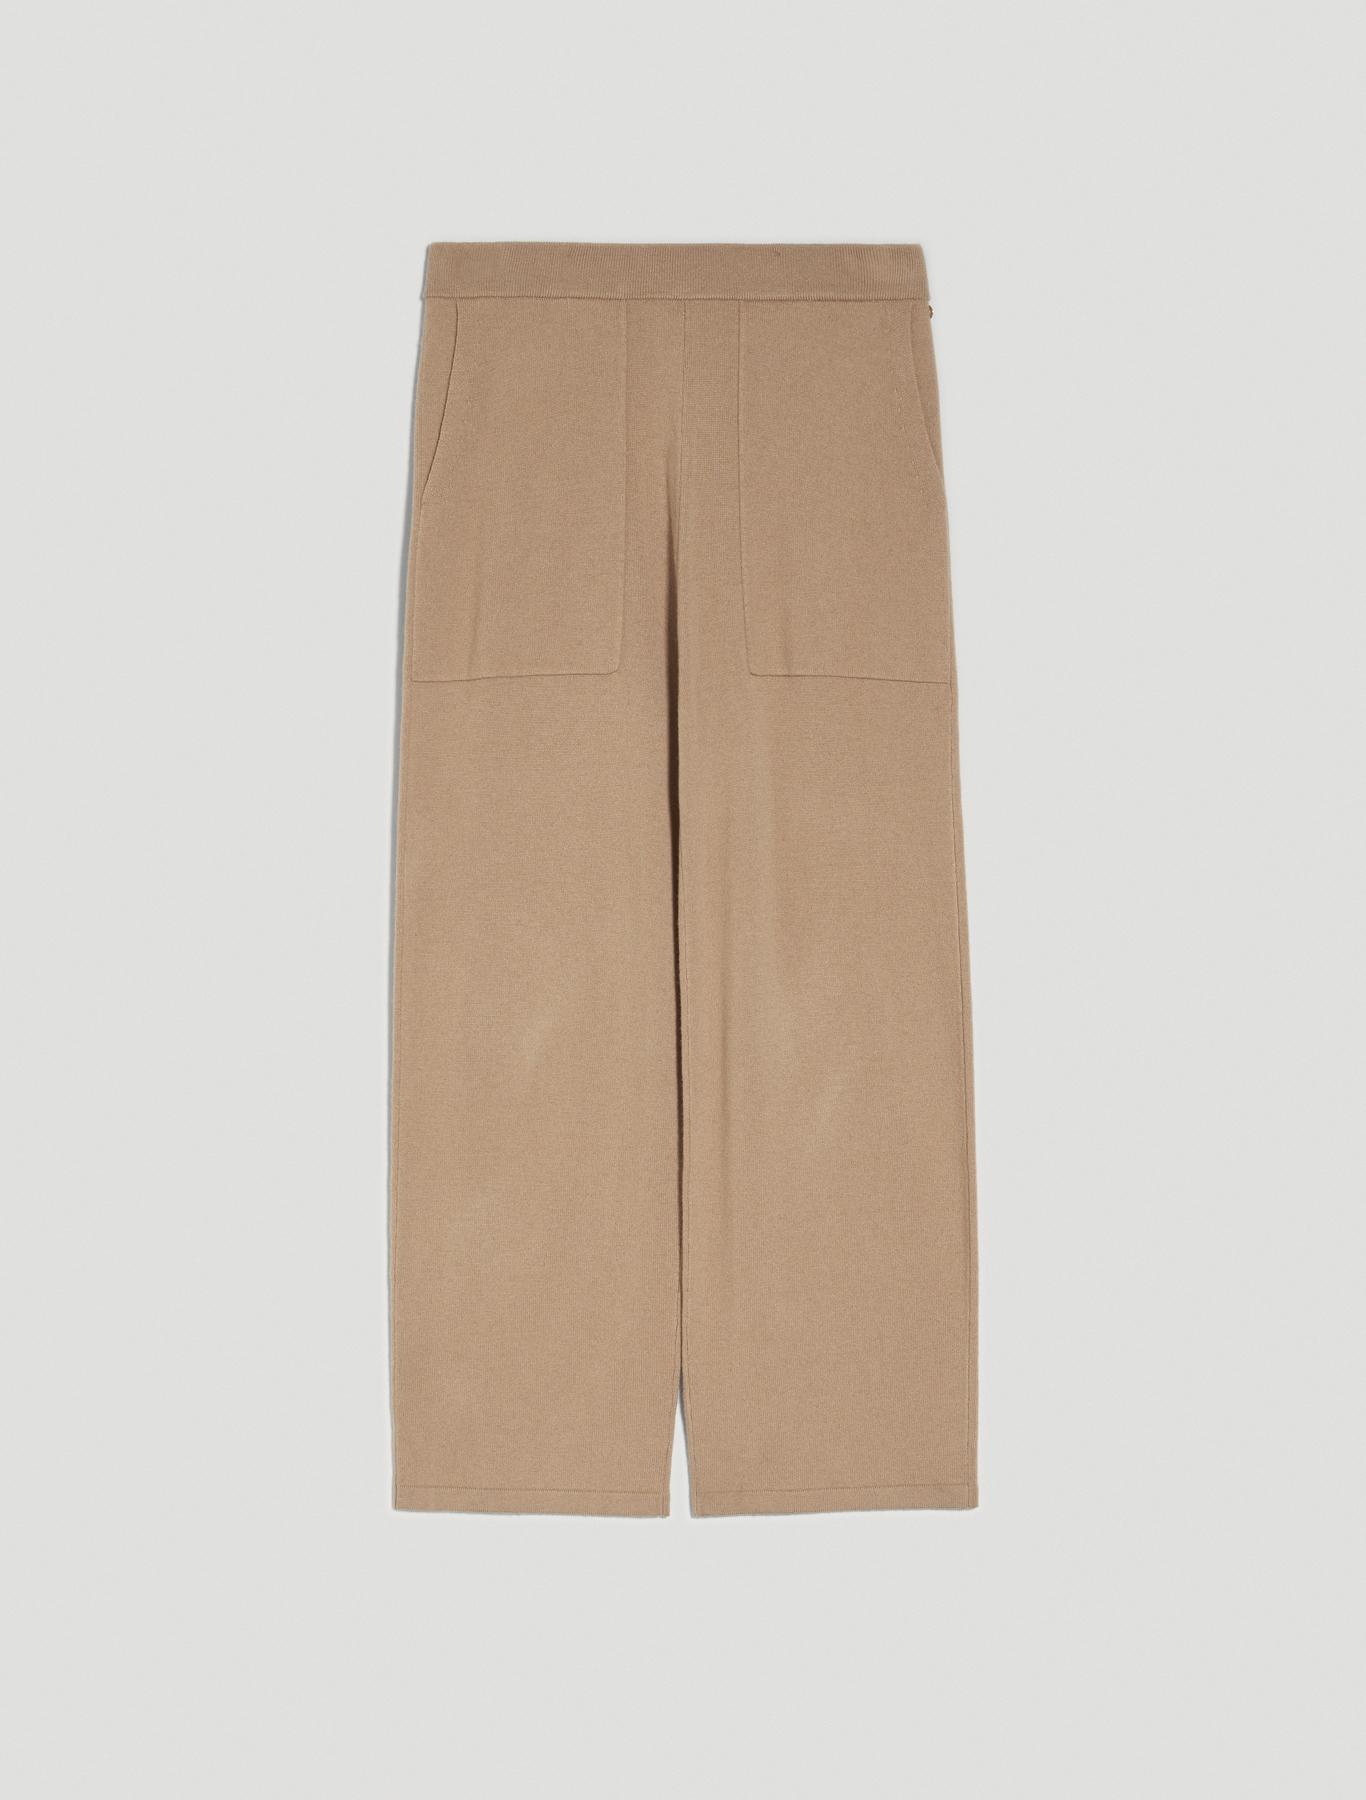 Soft knit trousers - beige - pennyblack